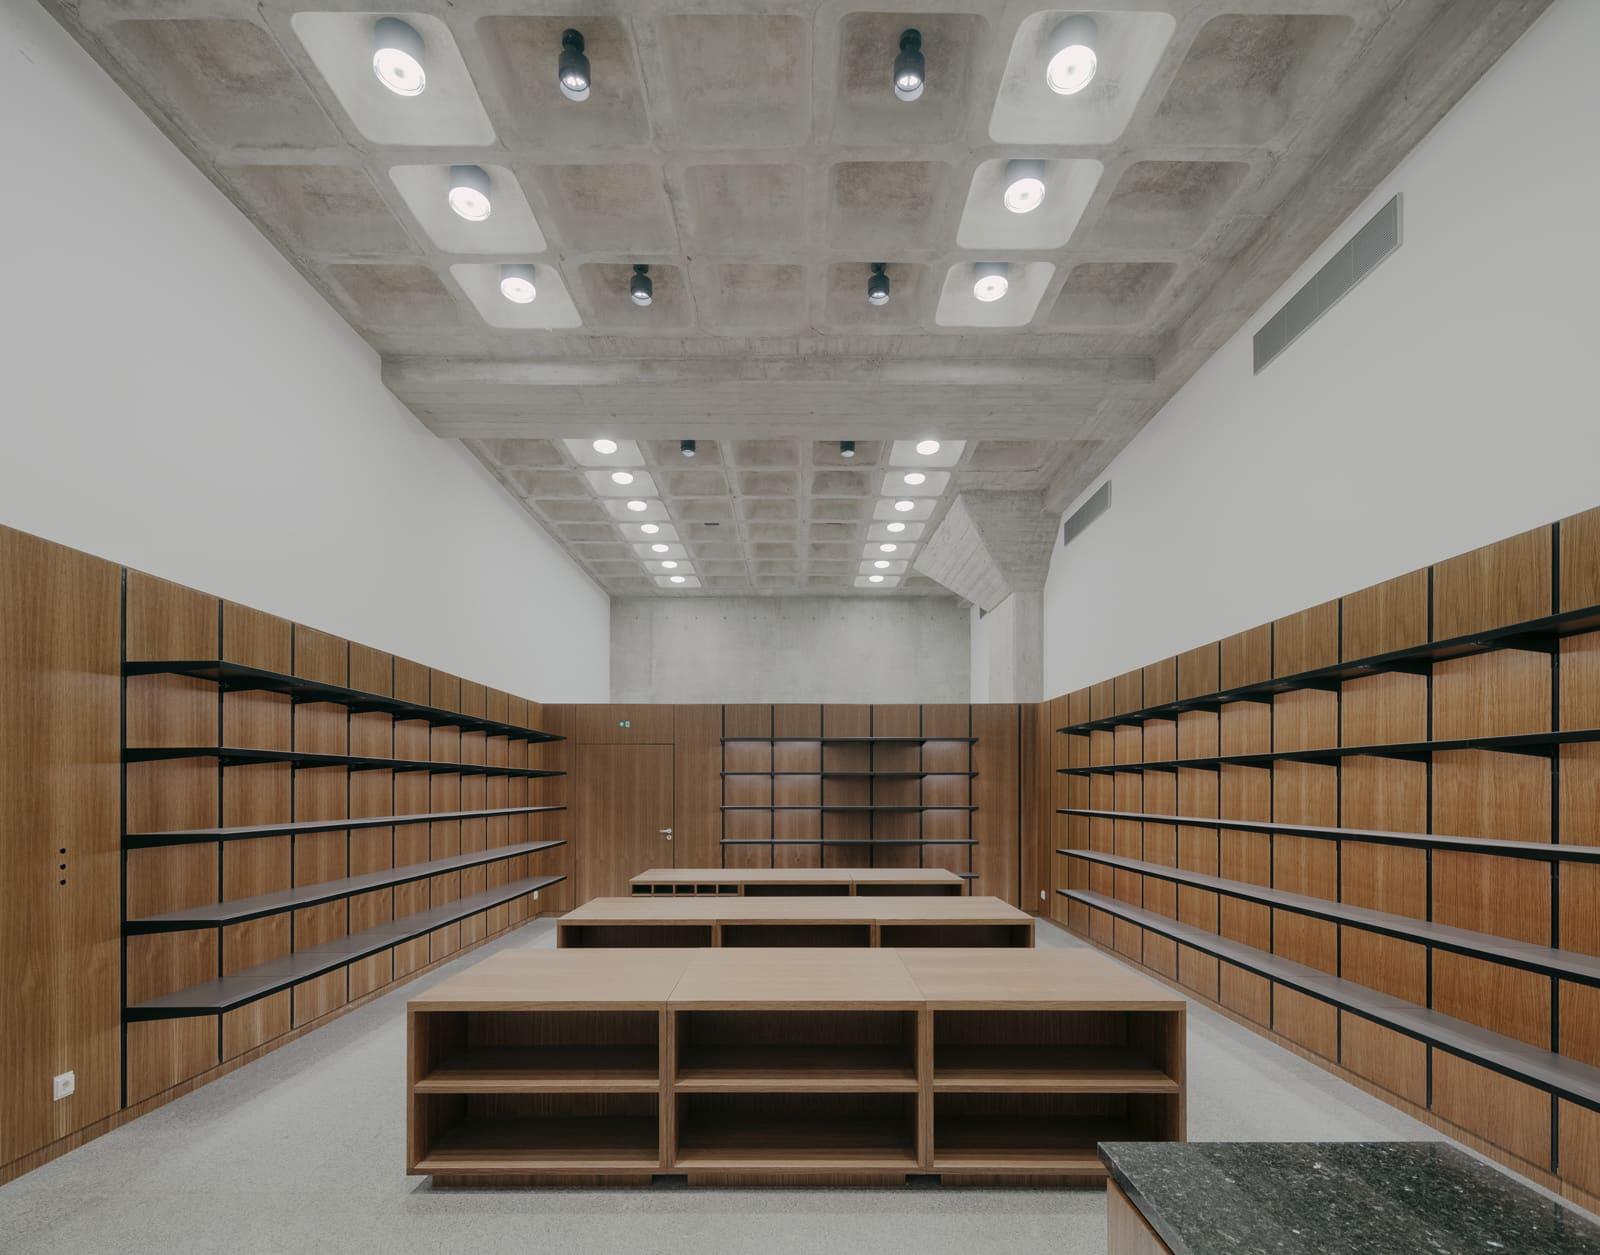 Neue Nationalgalerie Refurbishment  - 20210625 Chipperfield NeueNationalgalerieRefurbishment 09.2 51